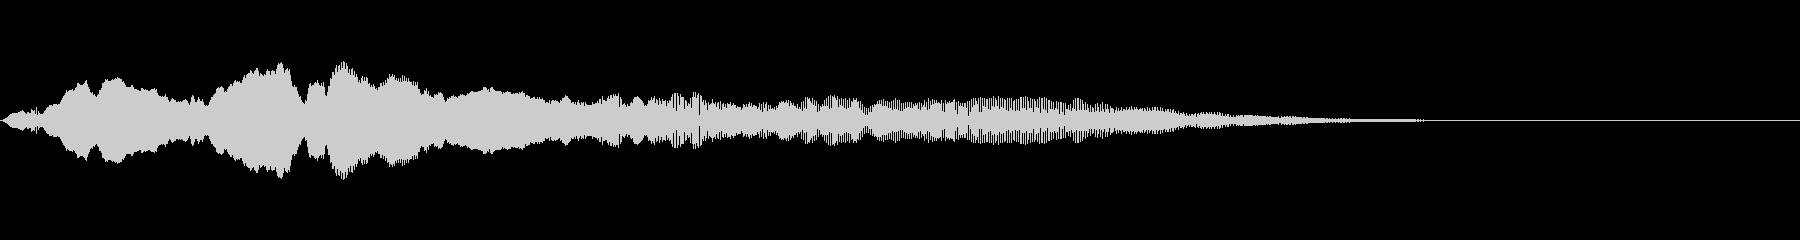 ヒューン 落ちる音の未再生の波形